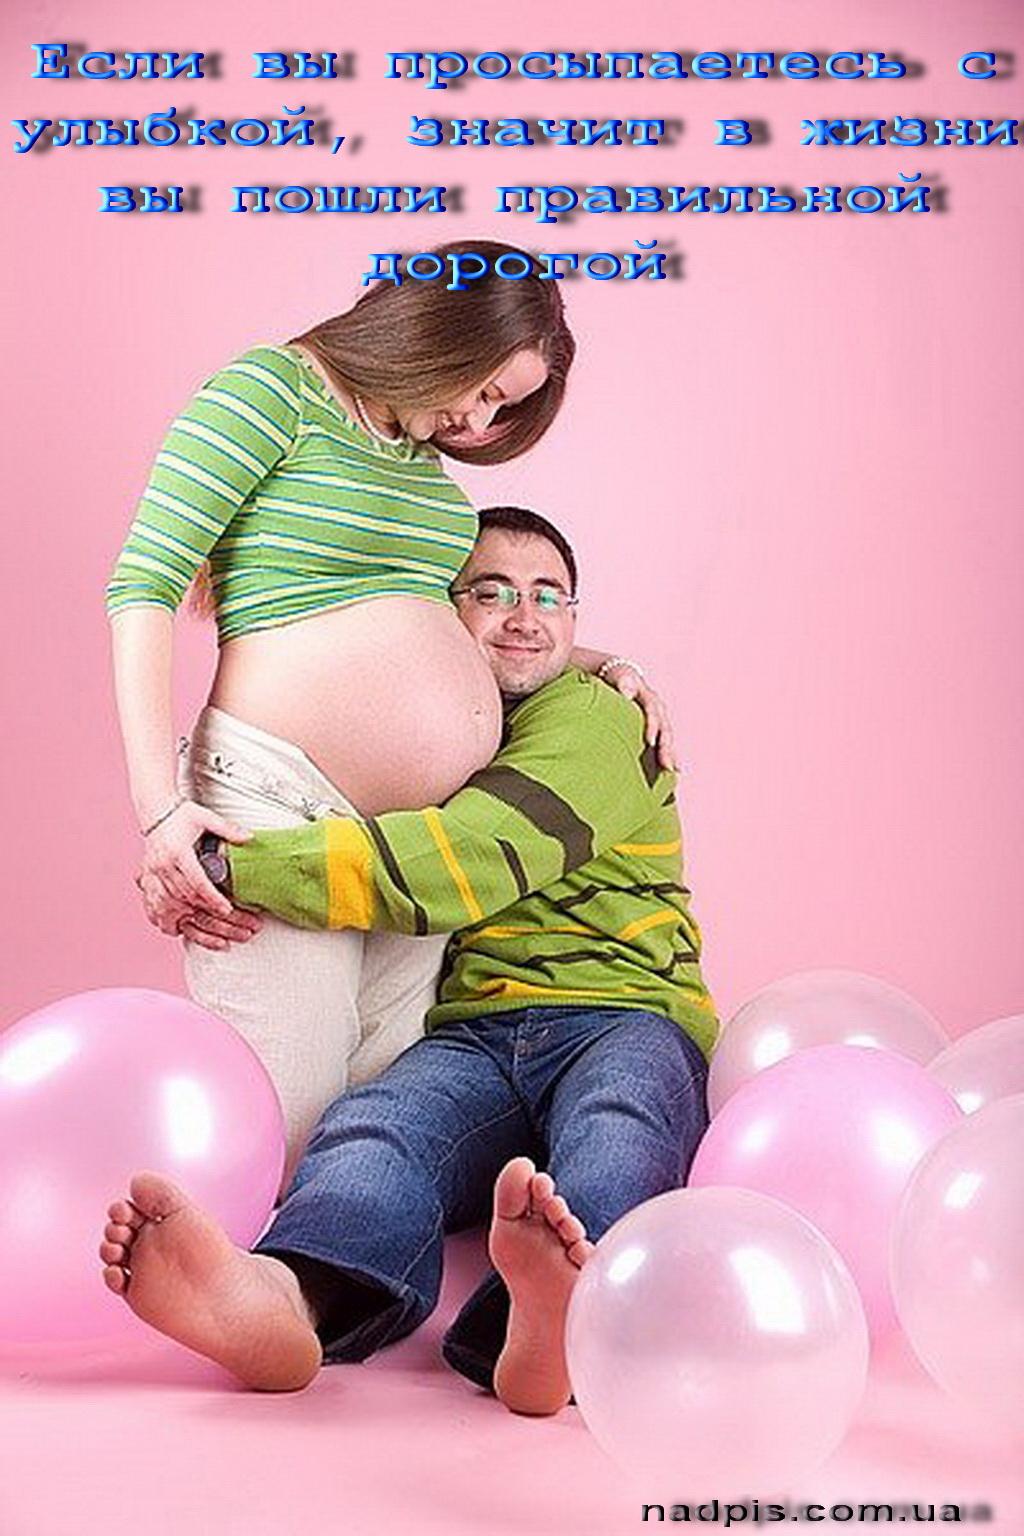 Статусы для фото с ребенком и мужем